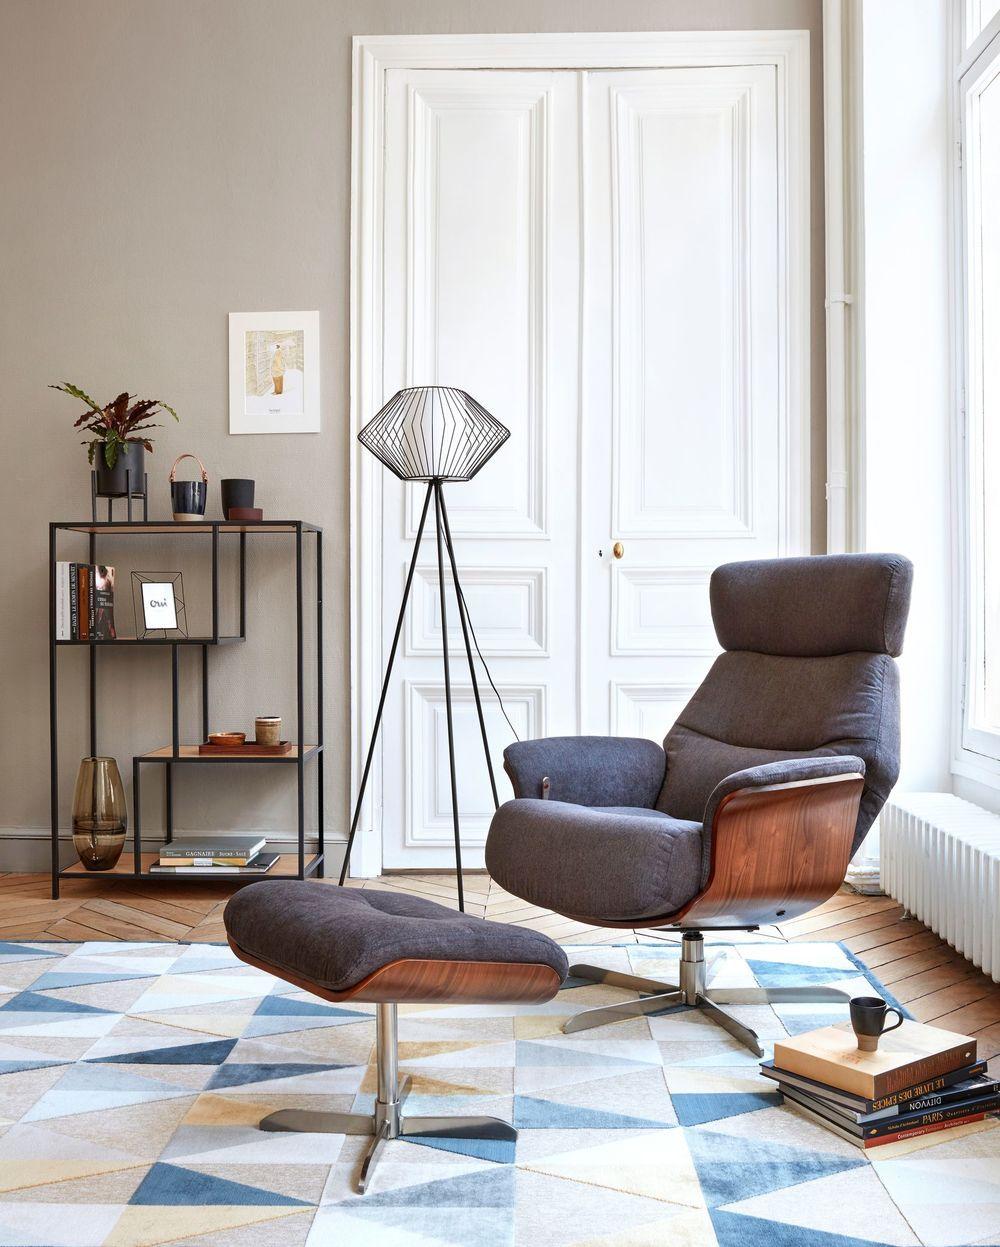 Couleur Mur Salon 2019 tendances couleurs 2019 | décoration maison, relooking